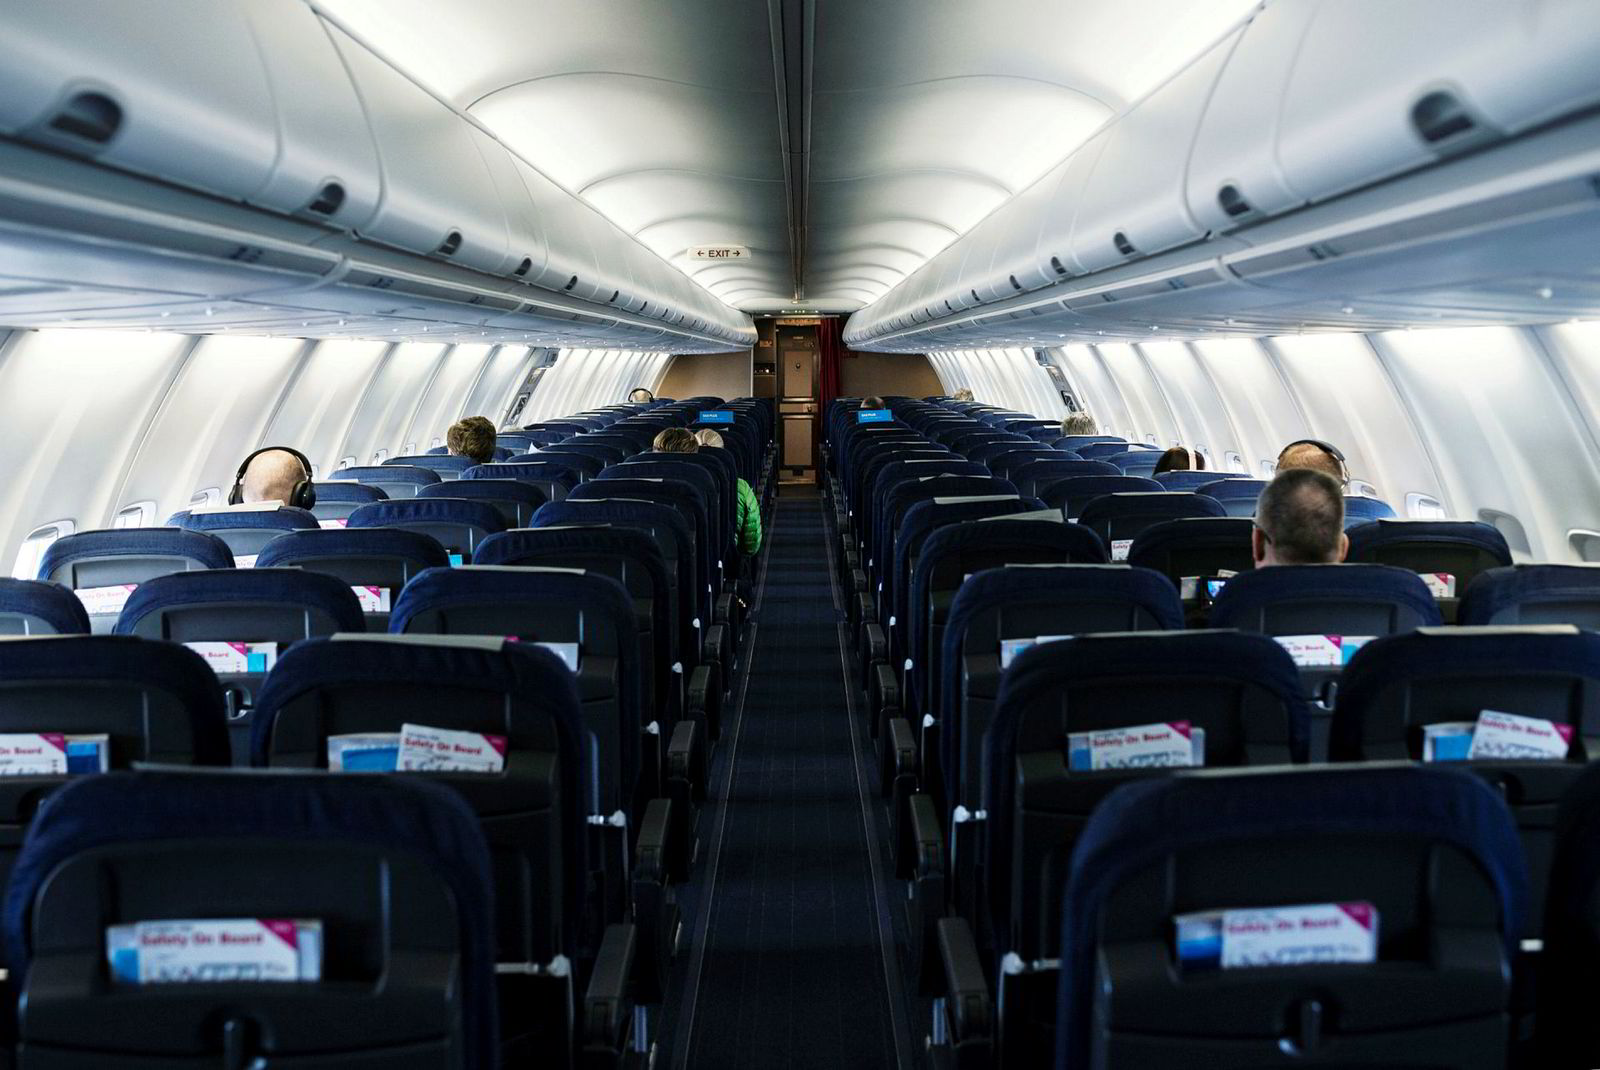 Det var 15 passasjerer med på SAS' morgenfly fra Oslo til Bergen mandag – som er en del av ruteprogrammet staten har bestilt og betaler for i krisen.